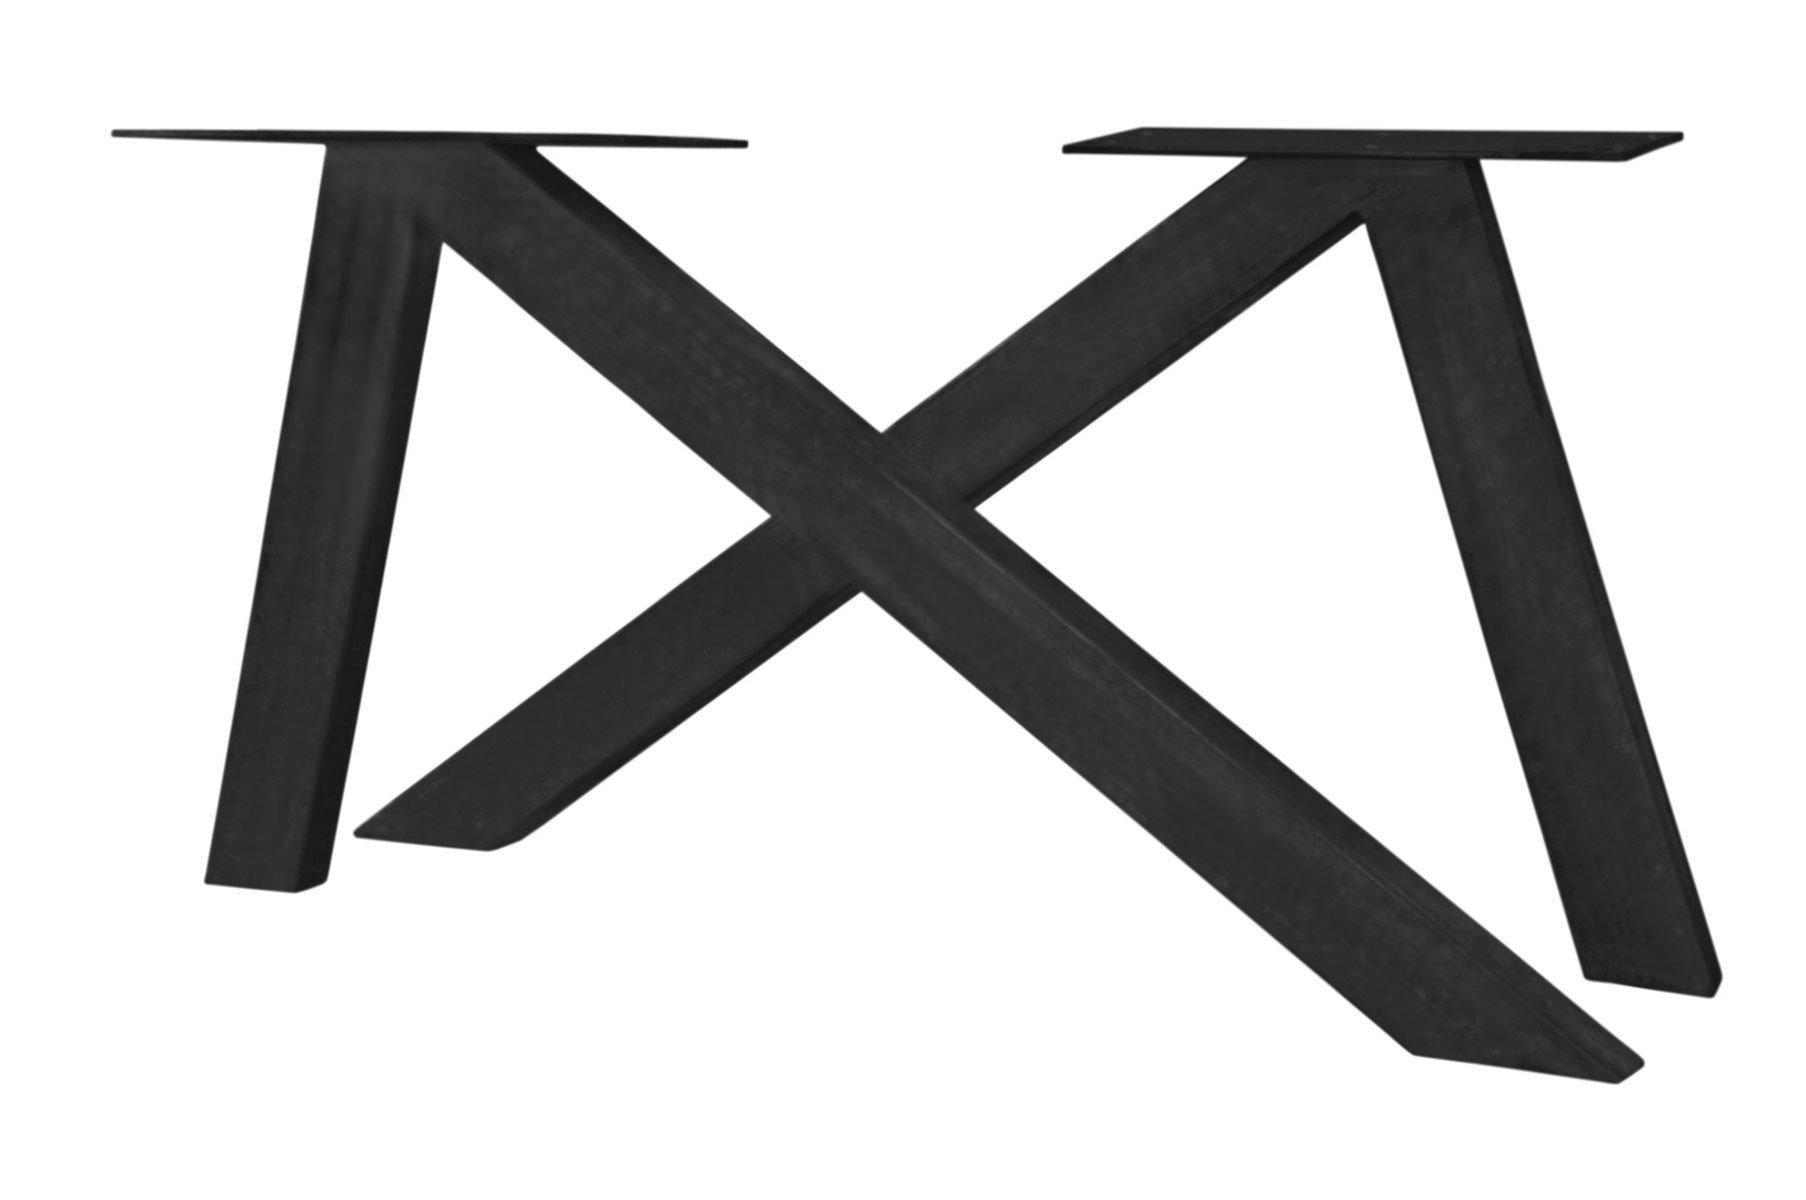 Stolová podnož TOPS & TABLES